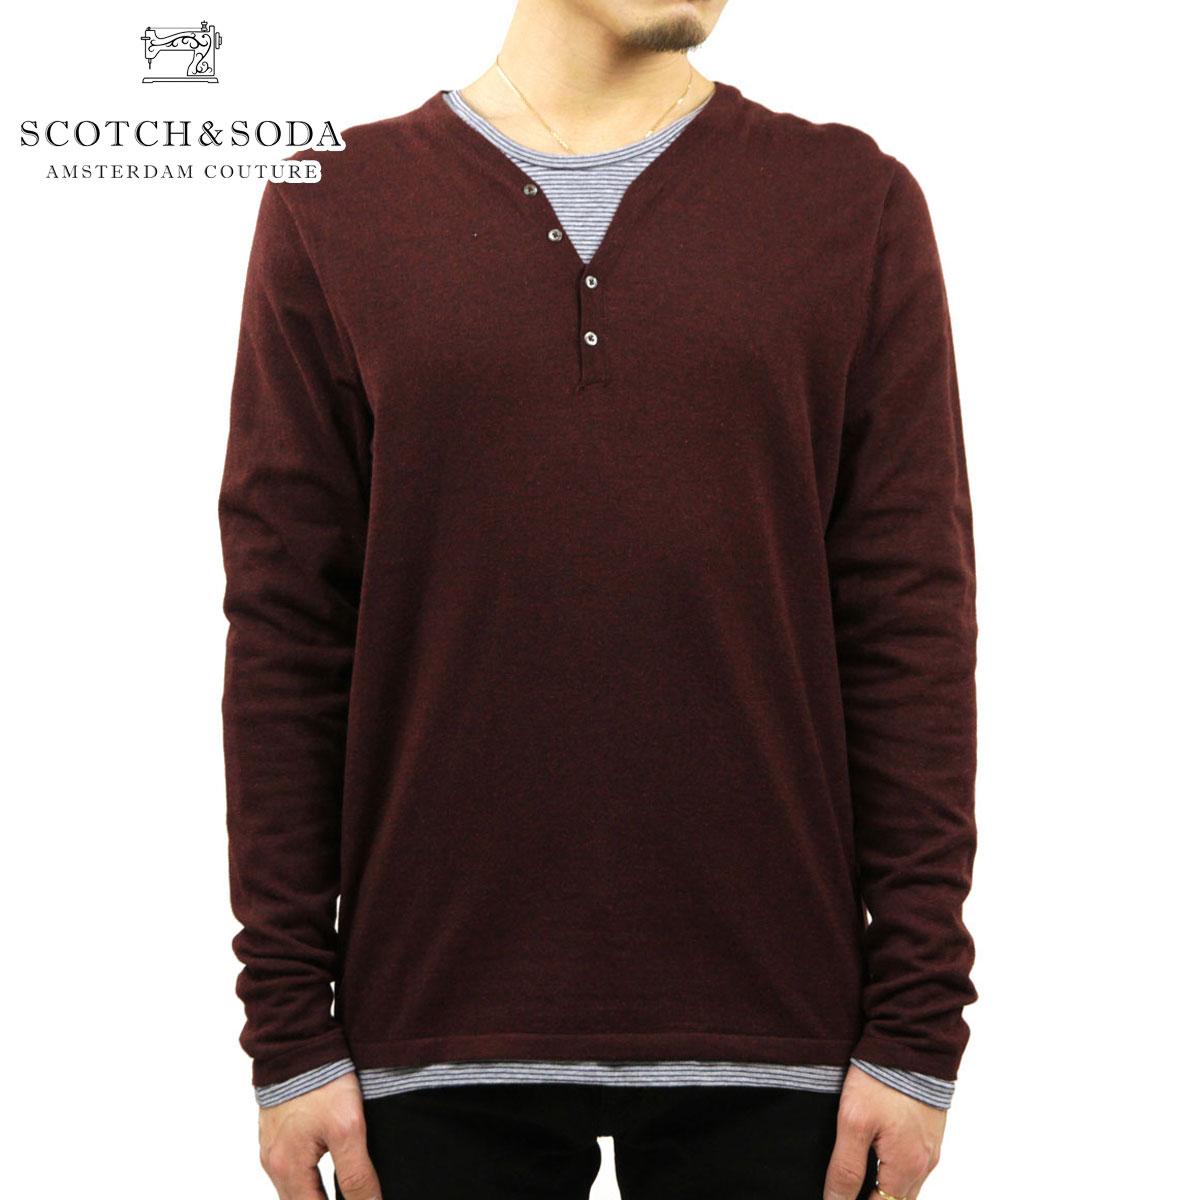 スコッチアンドソーダ SCOTCH&SODA 正規販売店 メンズ セーター CLASSIC COTTON/ACRYLIC GRANDAD PULL 60027 450 D15S25